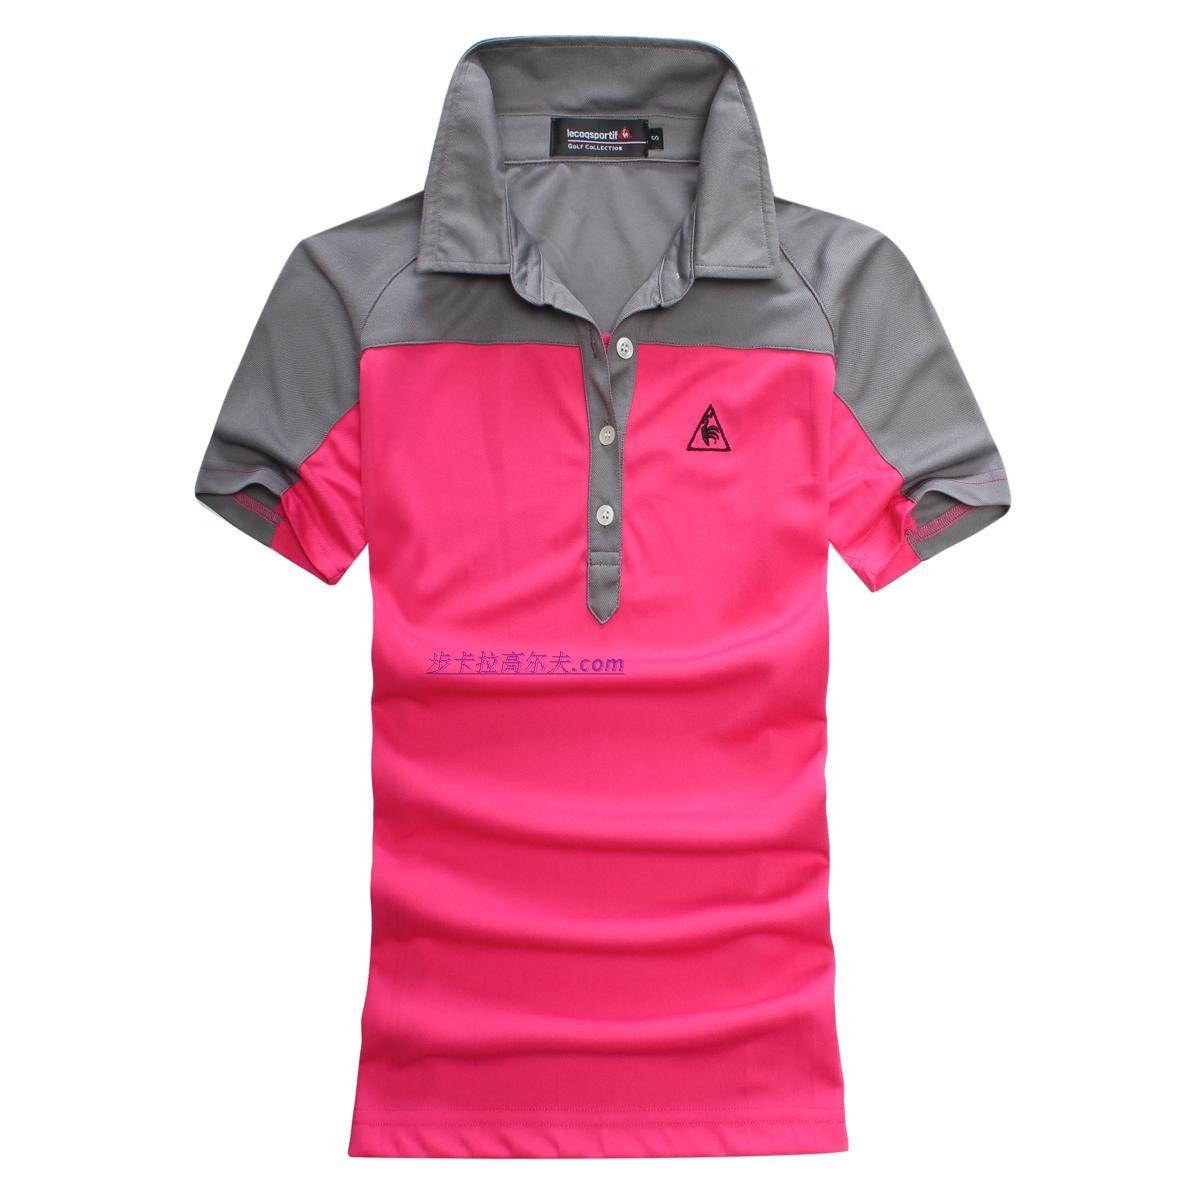 Одежда для гольфа  01 Golf Golf клюшка для гольфа golf pride 20140934 golfpride cp2